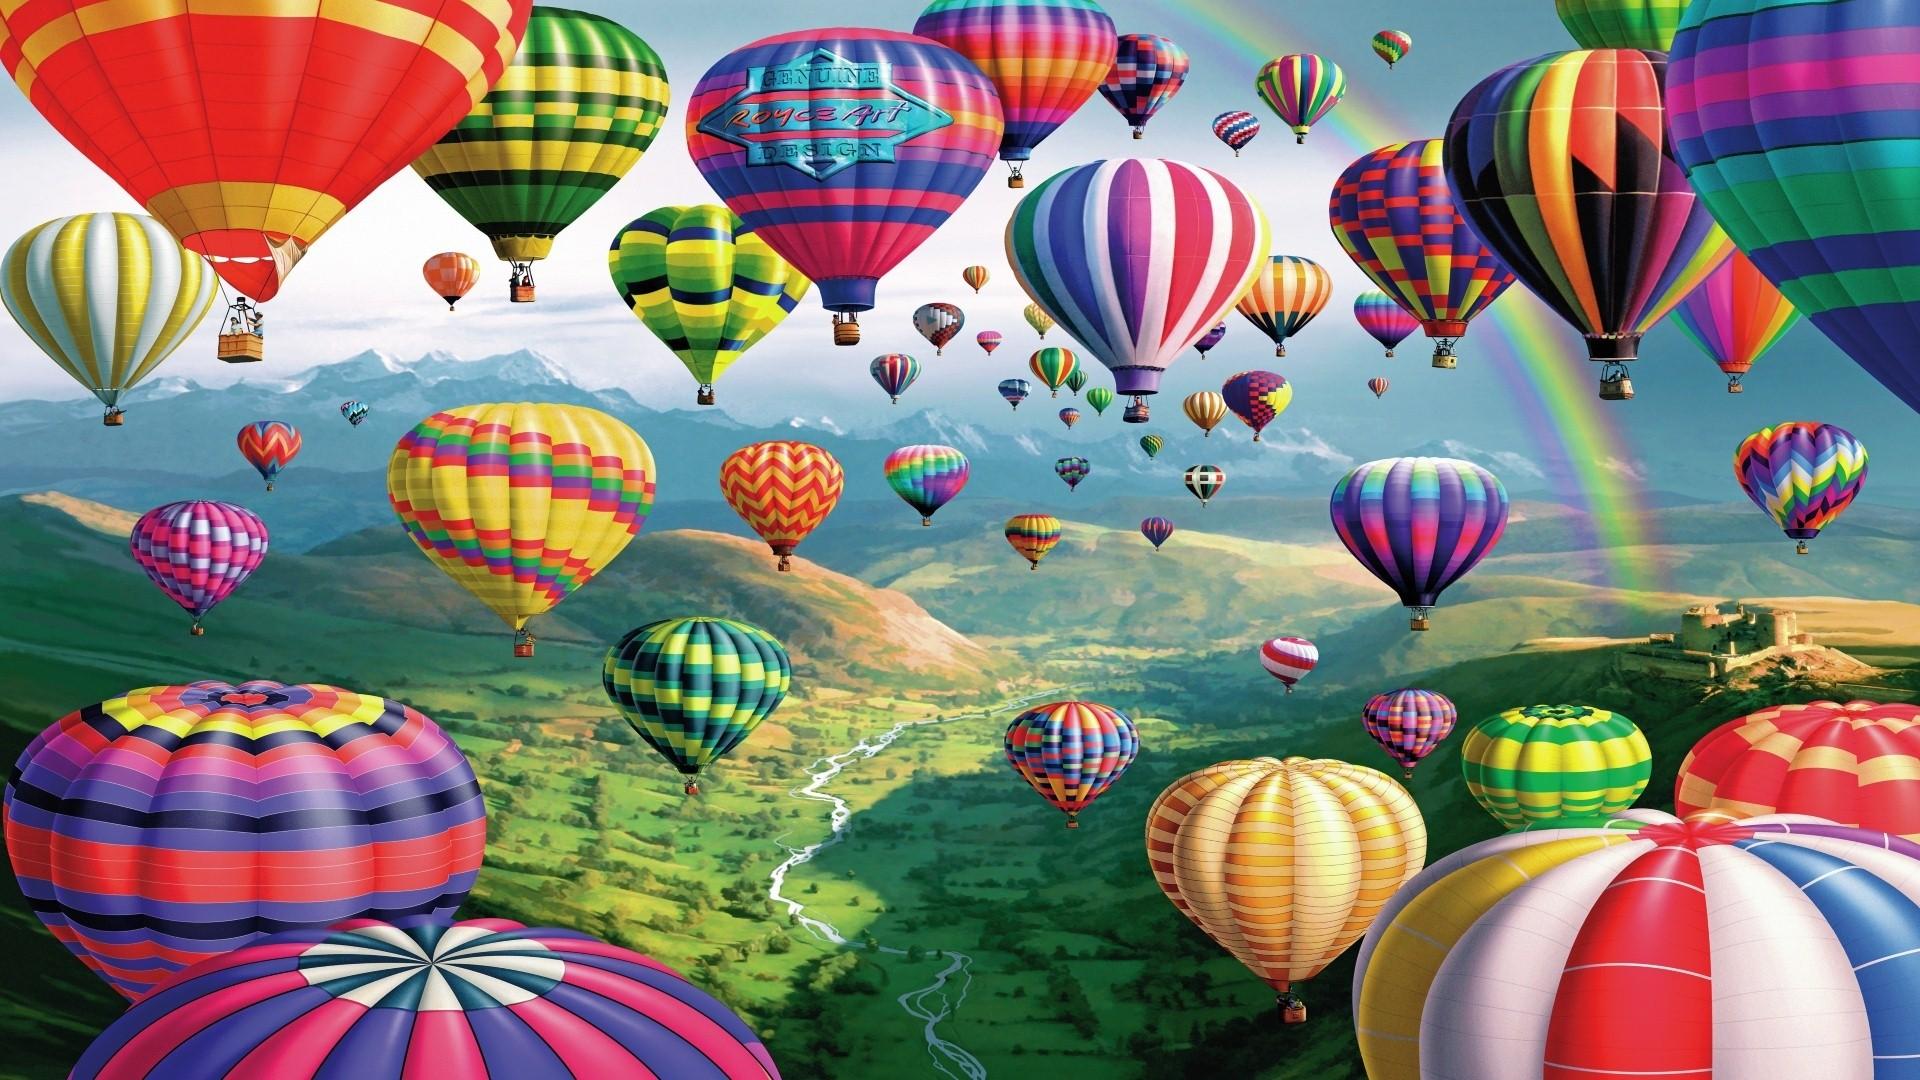 hot-air-balloons-hd-wallpaper-581288.jpg (1920×